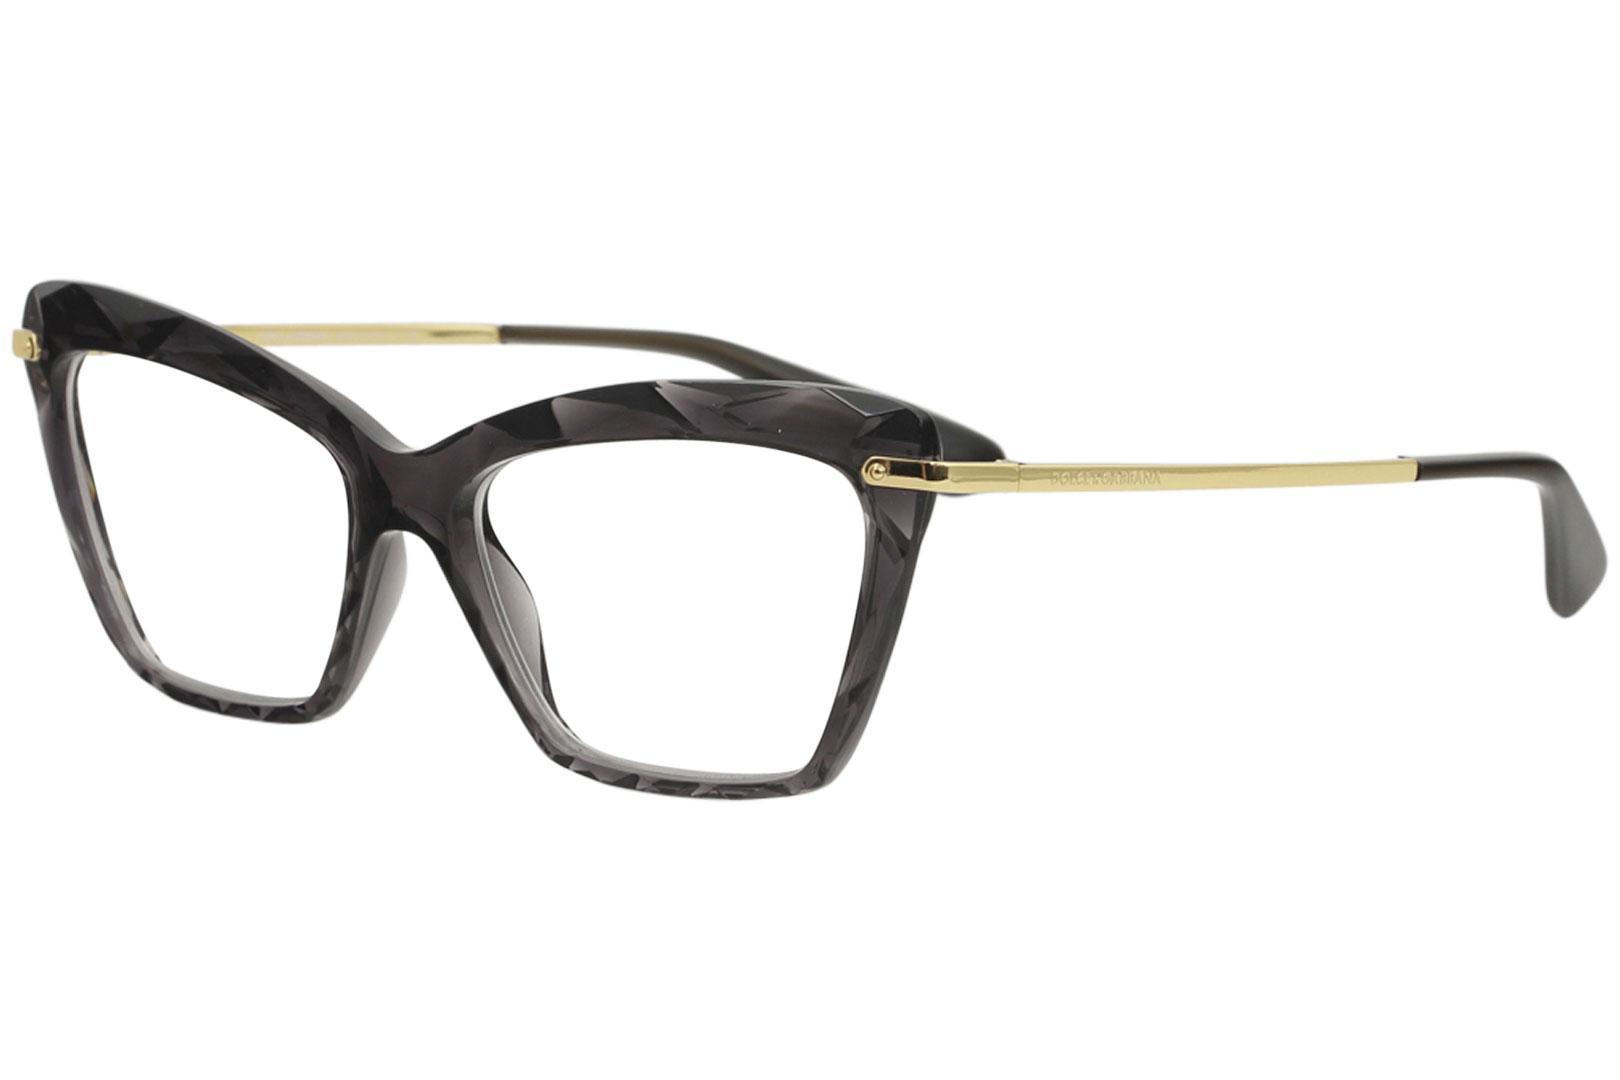 25bdcc699f3 Dolce   Gabbana Women s Eyeglasses D G DG5025 DG 5025 Full Rim Optical Frame  by Dolce   Gabbana